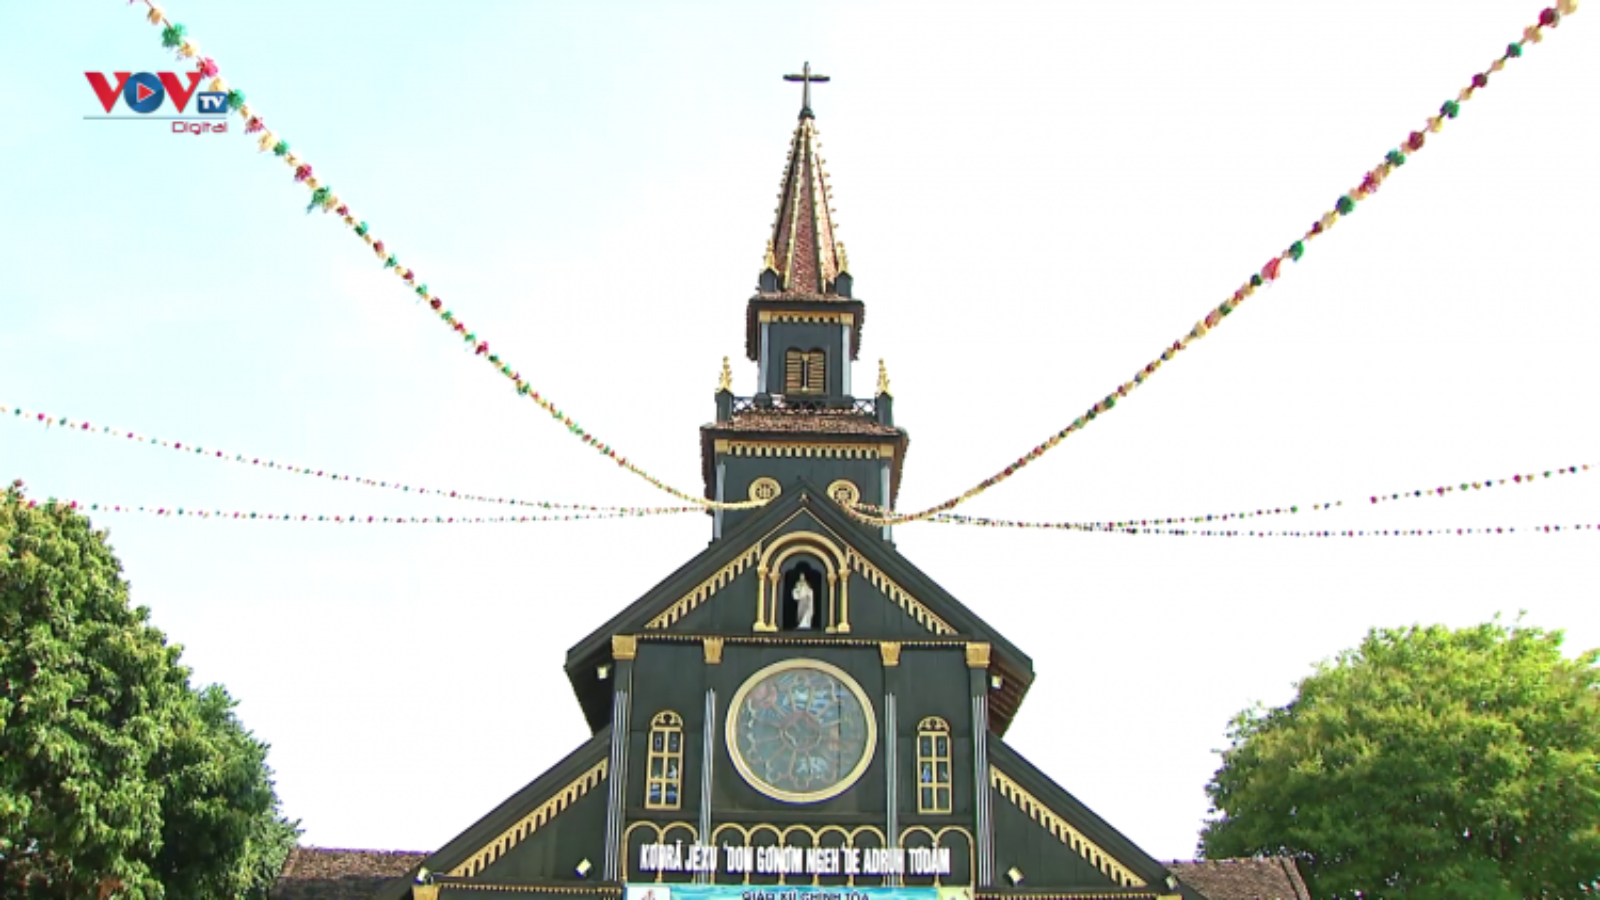 Chiêm ngưỡng nhà thờ chính toà Kon Tum - công trình tôn giáo hơn 100 năm tại Tây Nguyên